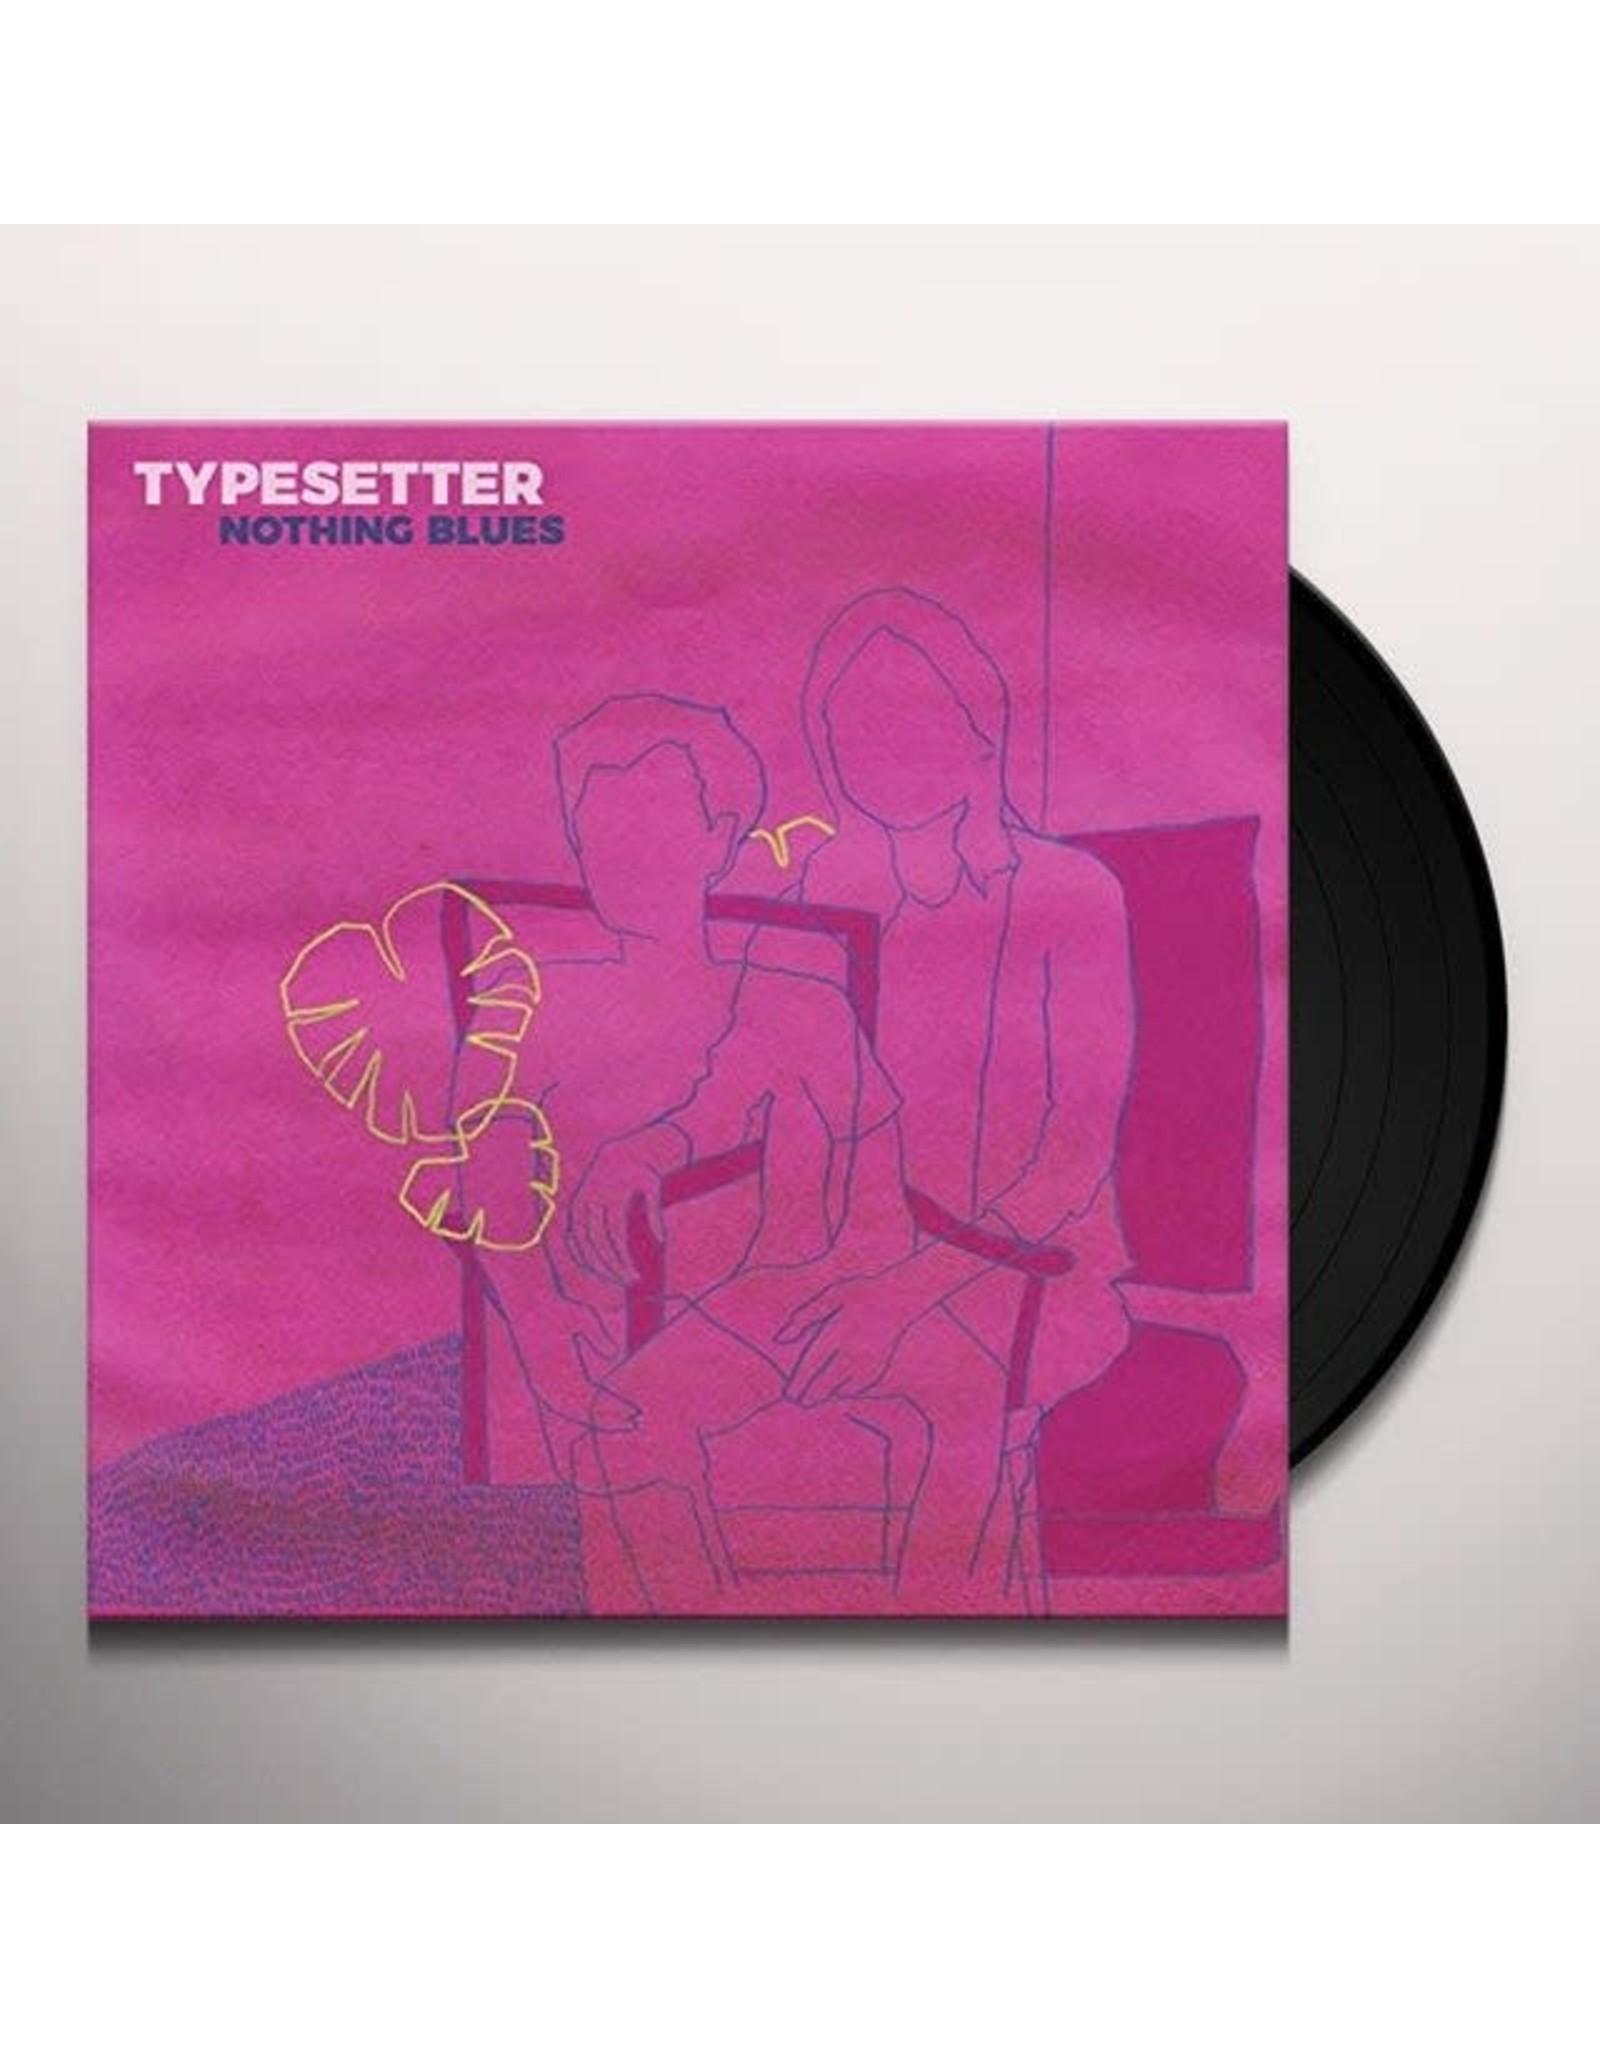 Typesetter - Nothing Blues LP